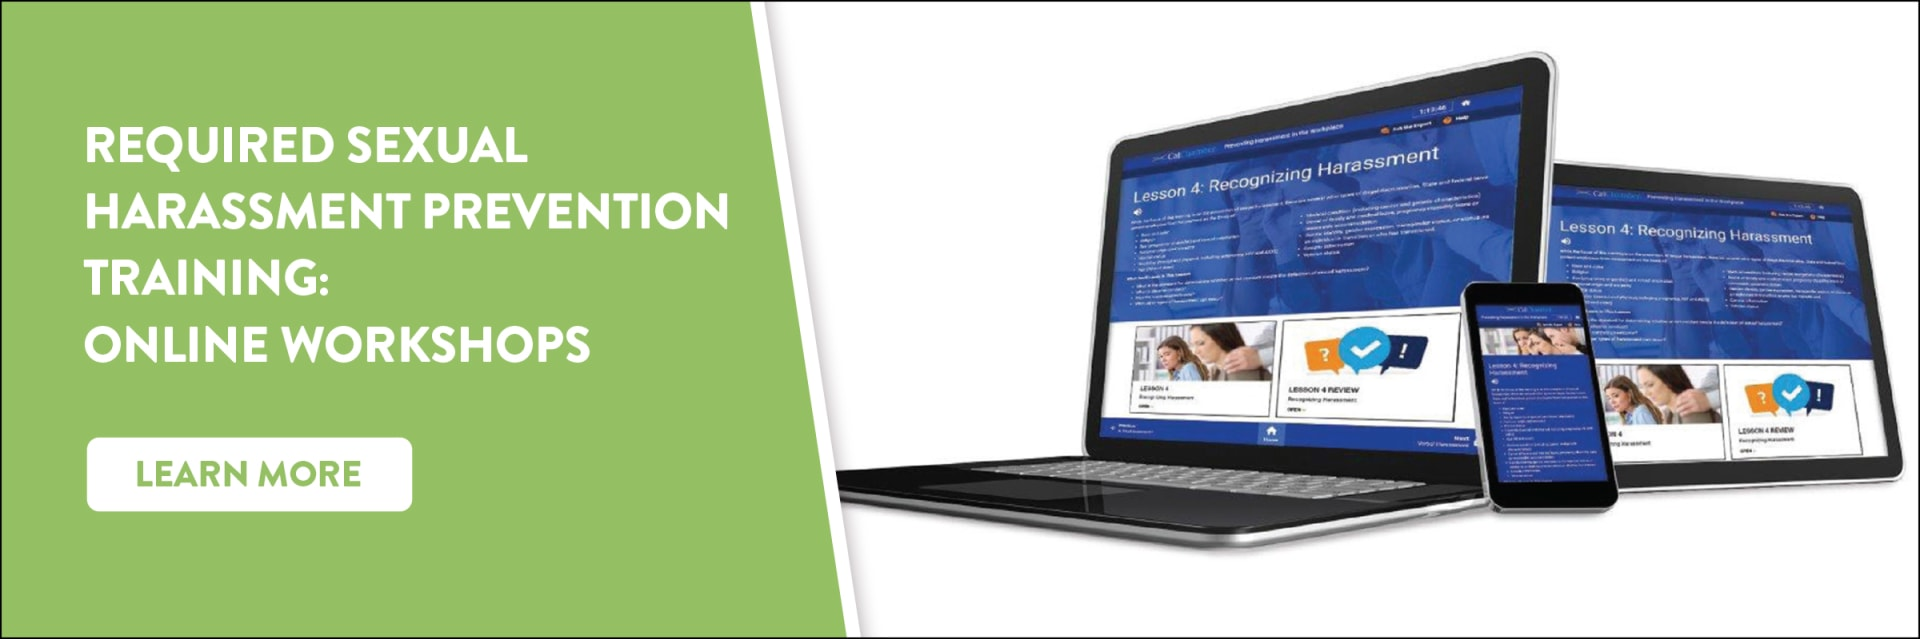 web-slider---harassment-prevention-training-w1920.jpg